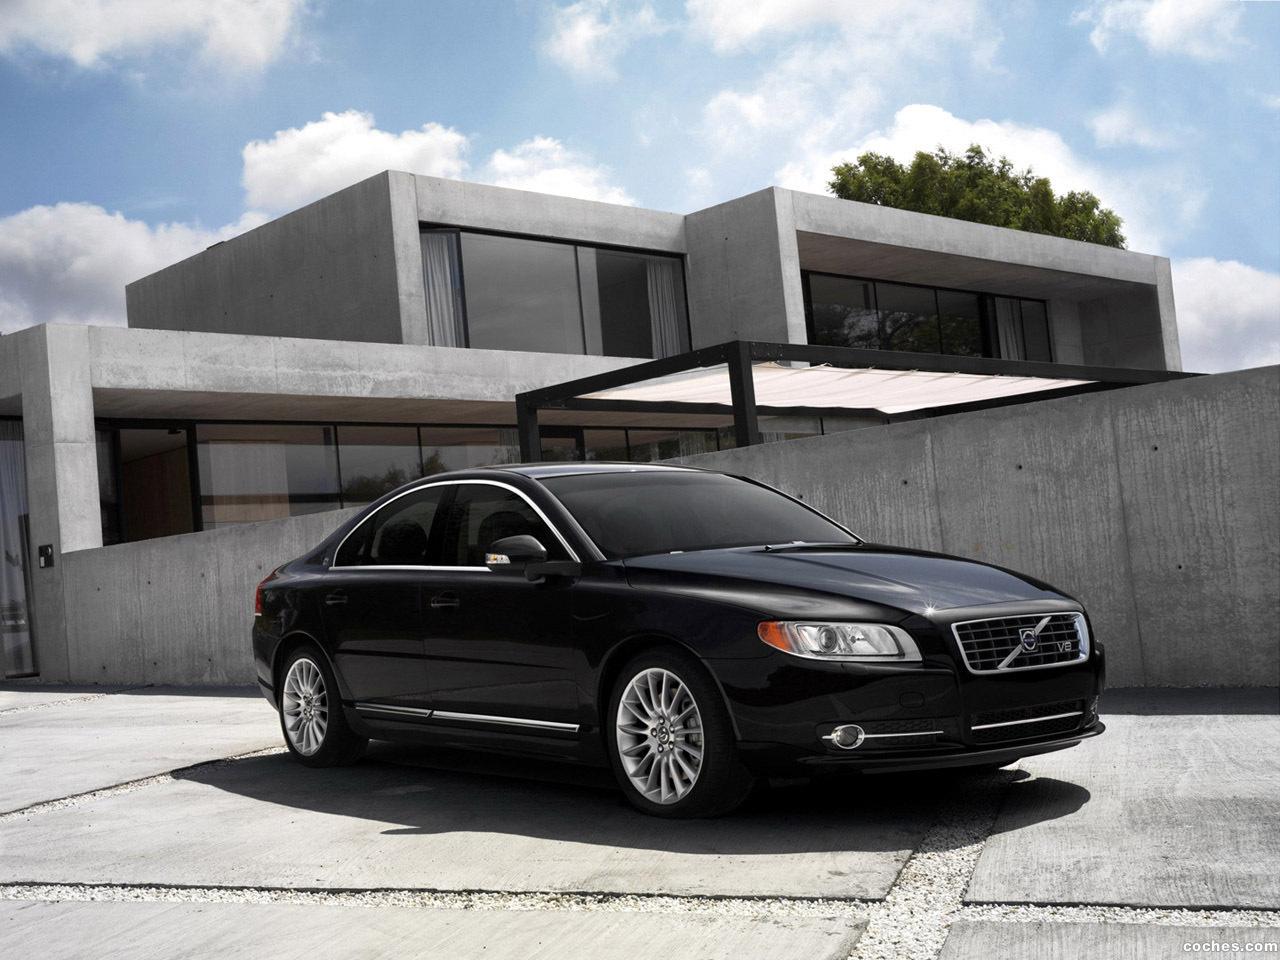 Foto 0 de Volvo S80 Executive 2008